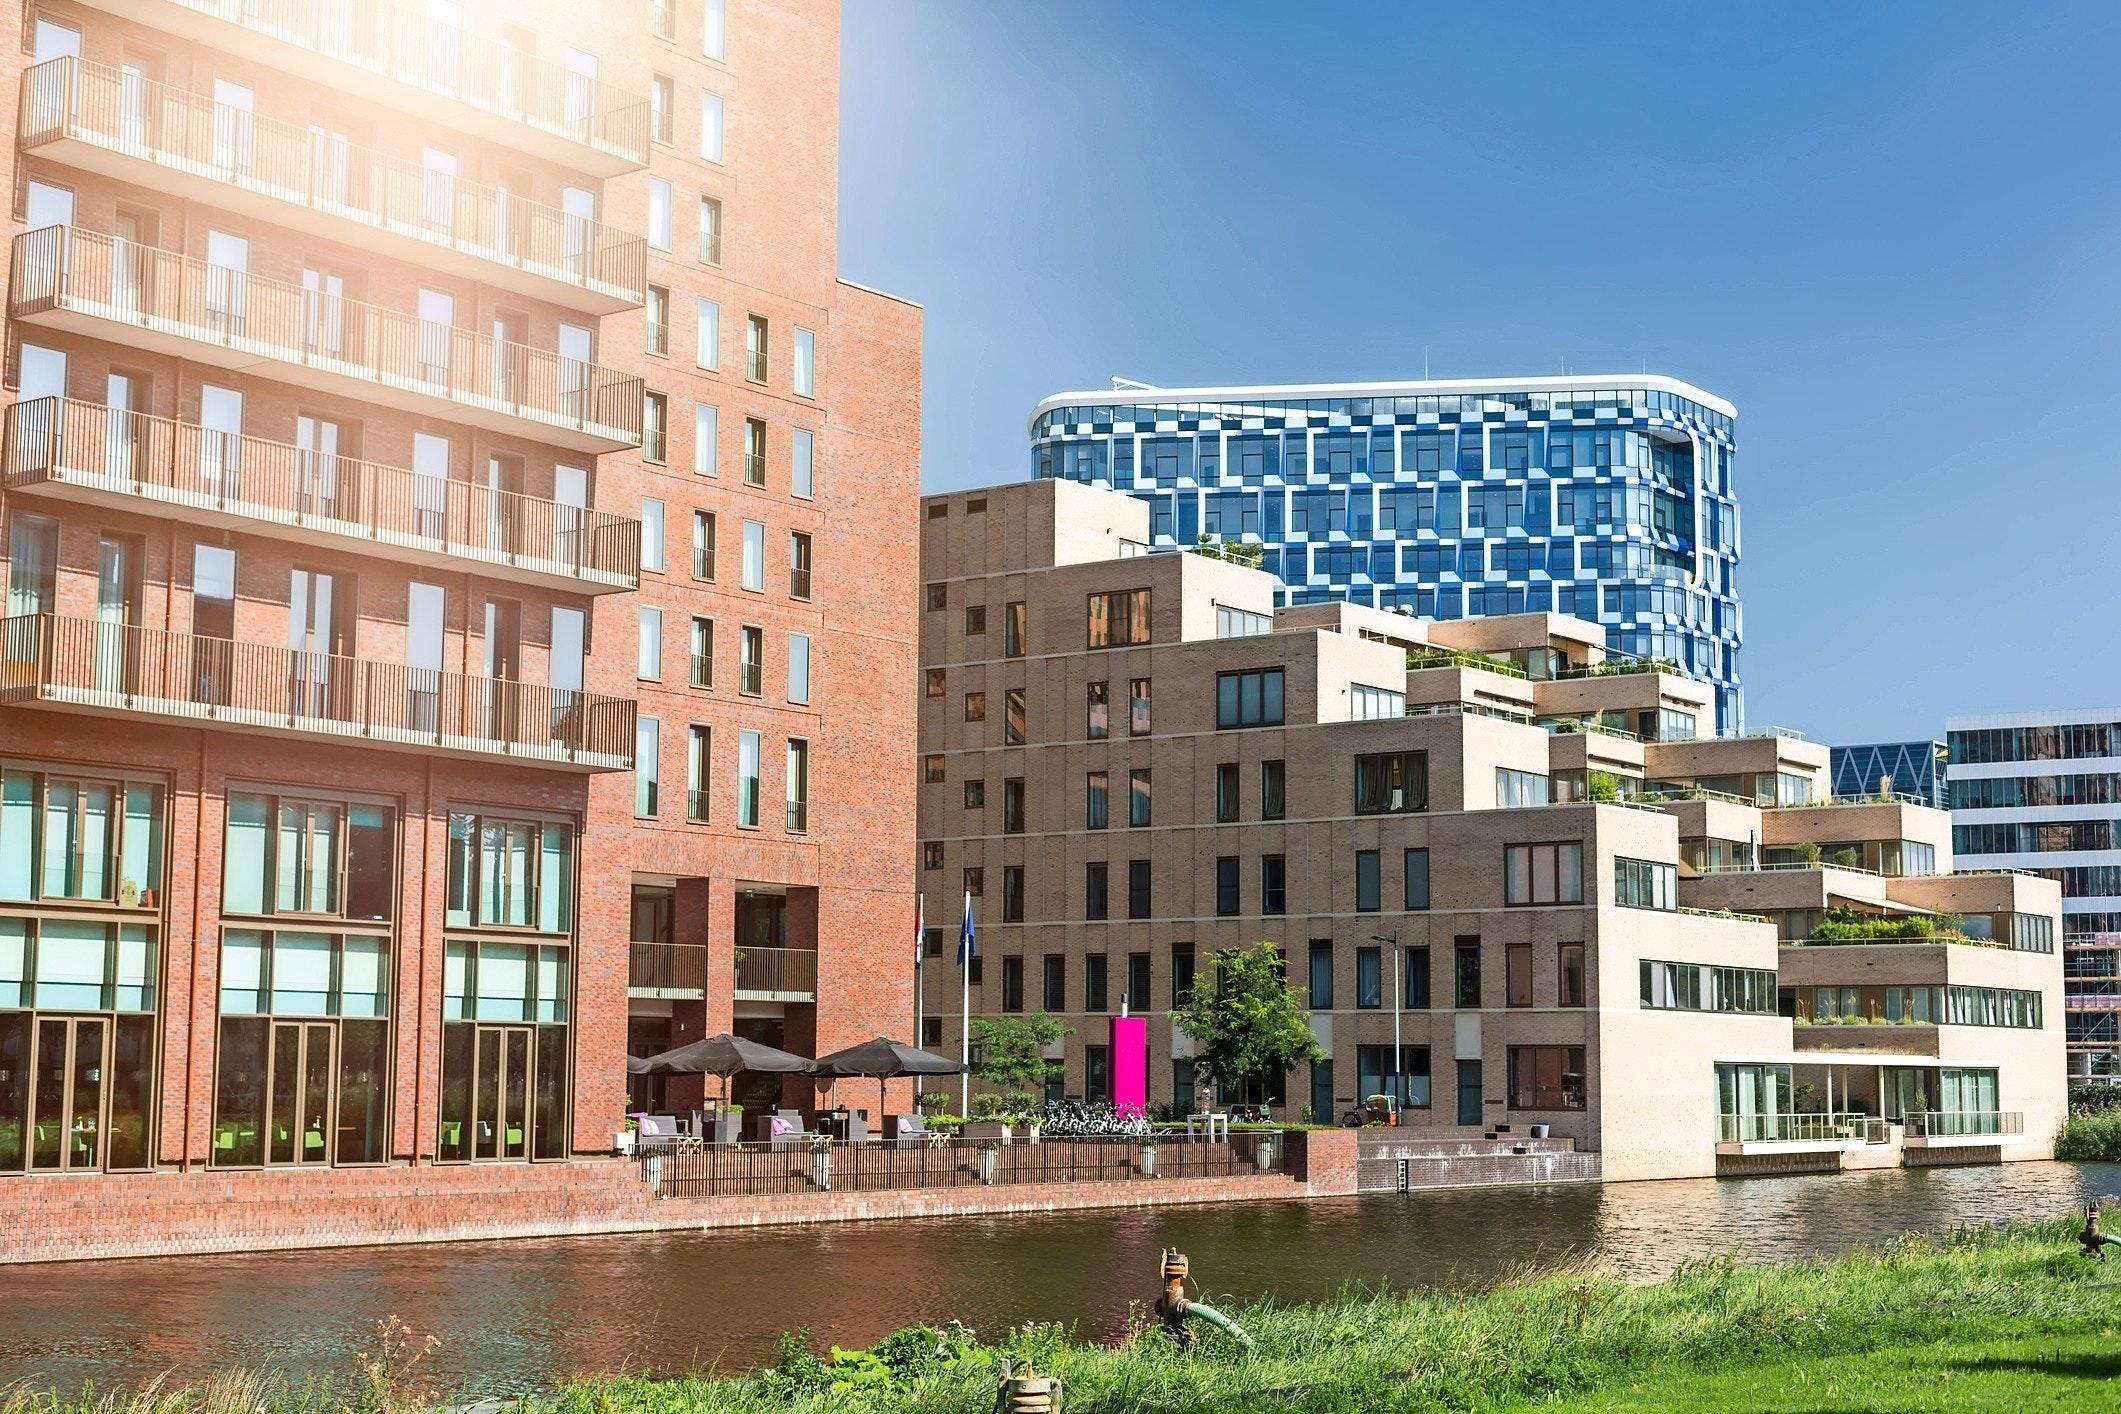 vastgoedbeleggers vrezen massaal ingrijpen op vrije woningmarkt Verhuur Amsterdam.htm #7